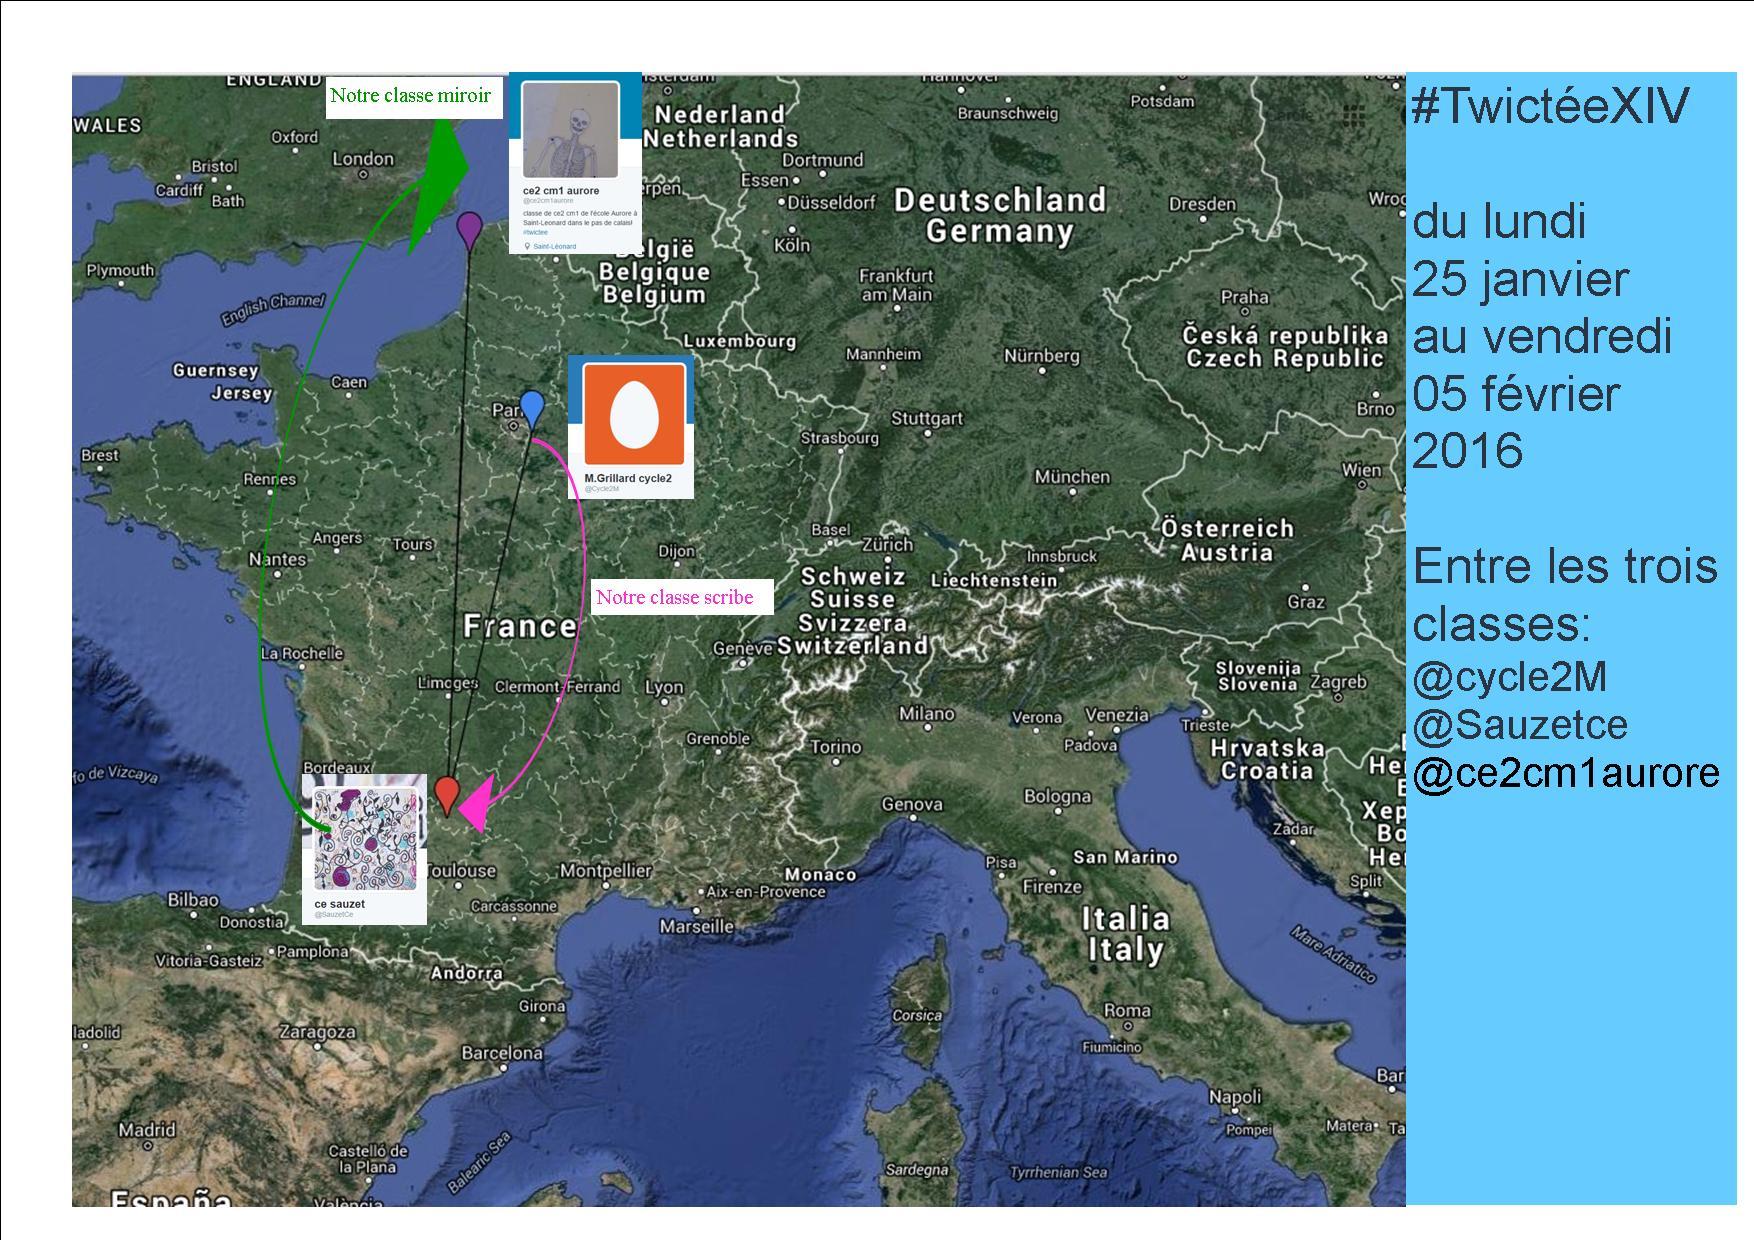 #TwicteeXIV Voici notre cartographie! @ce2cm1aurore @Cycle2M @SauzetCe Ma classe sera ravie de travailler avec vous! https://t.co/rYHRrfYBaZ